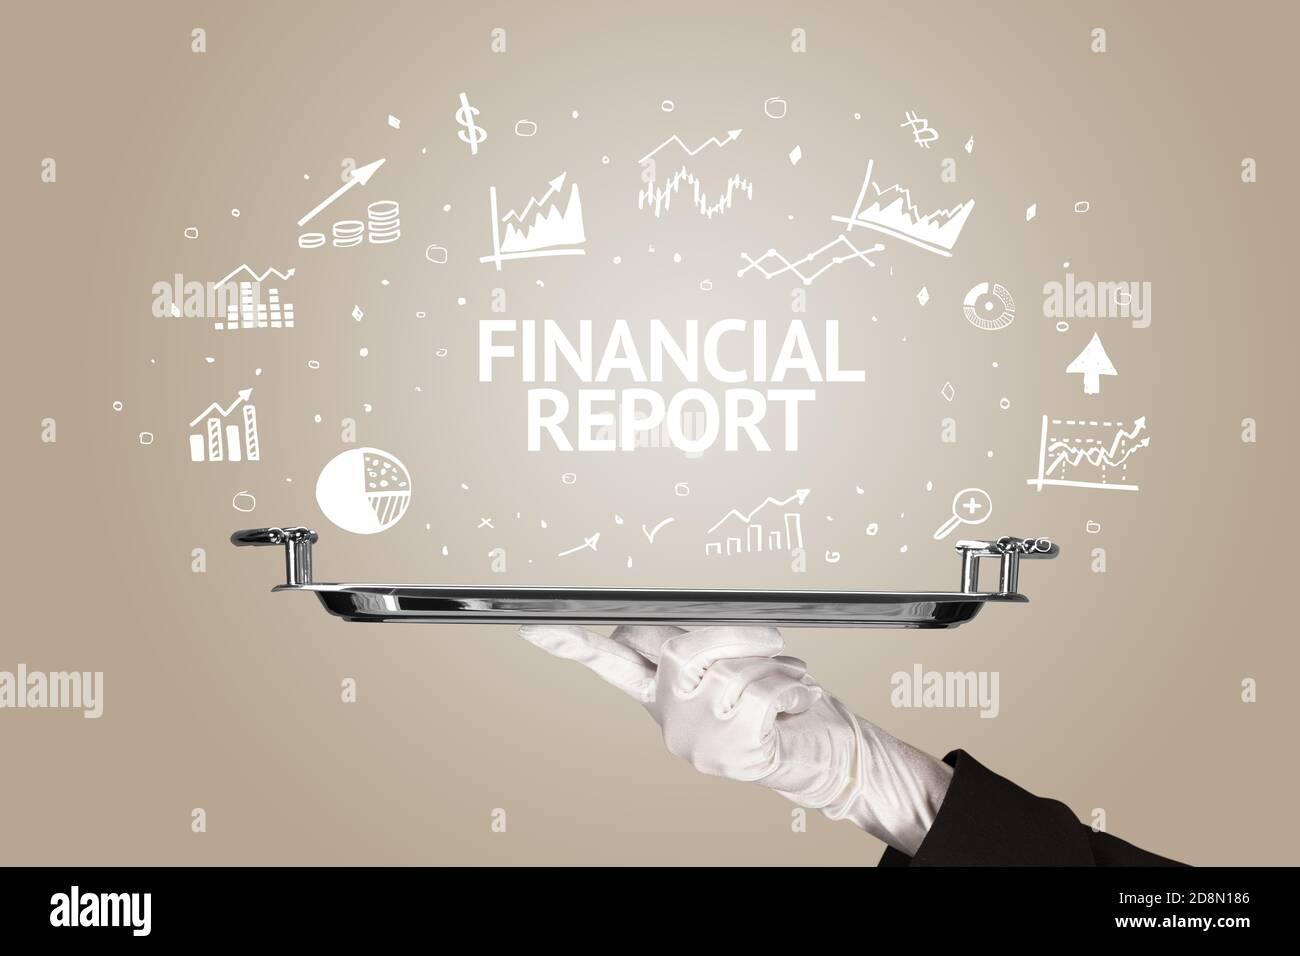 Serveur servant concept d'idée d'affaires avec inscription DE RAPPORT FINANCIER Banque D'Images